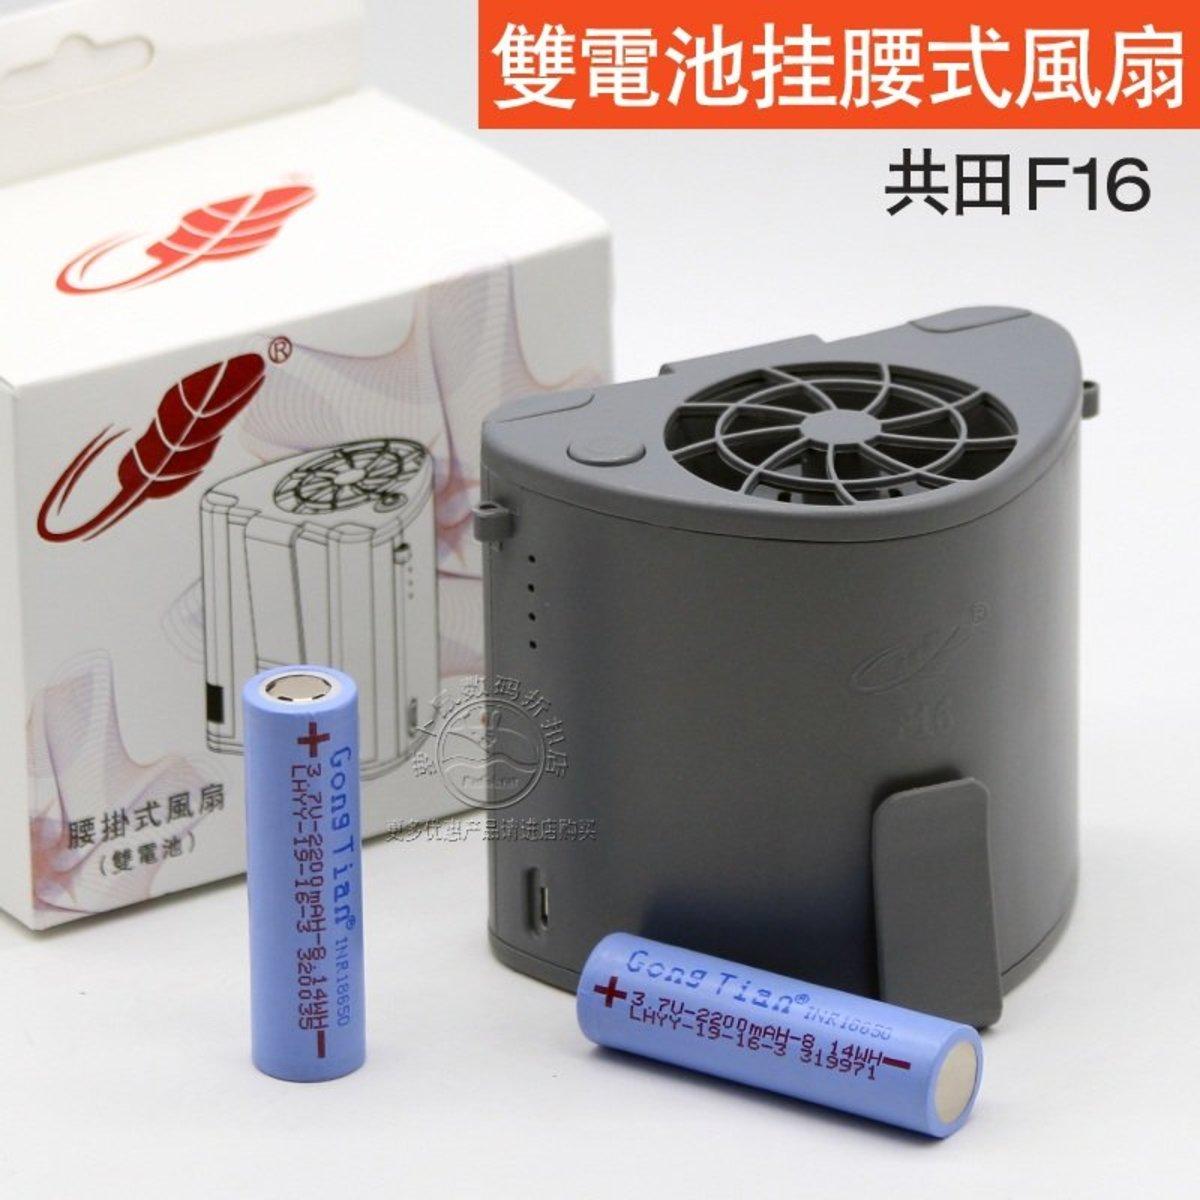 Gongtian Portable Multifunctional Fan 共田掛腰式充電風扇  F16 Duel Battery (Black) fa,